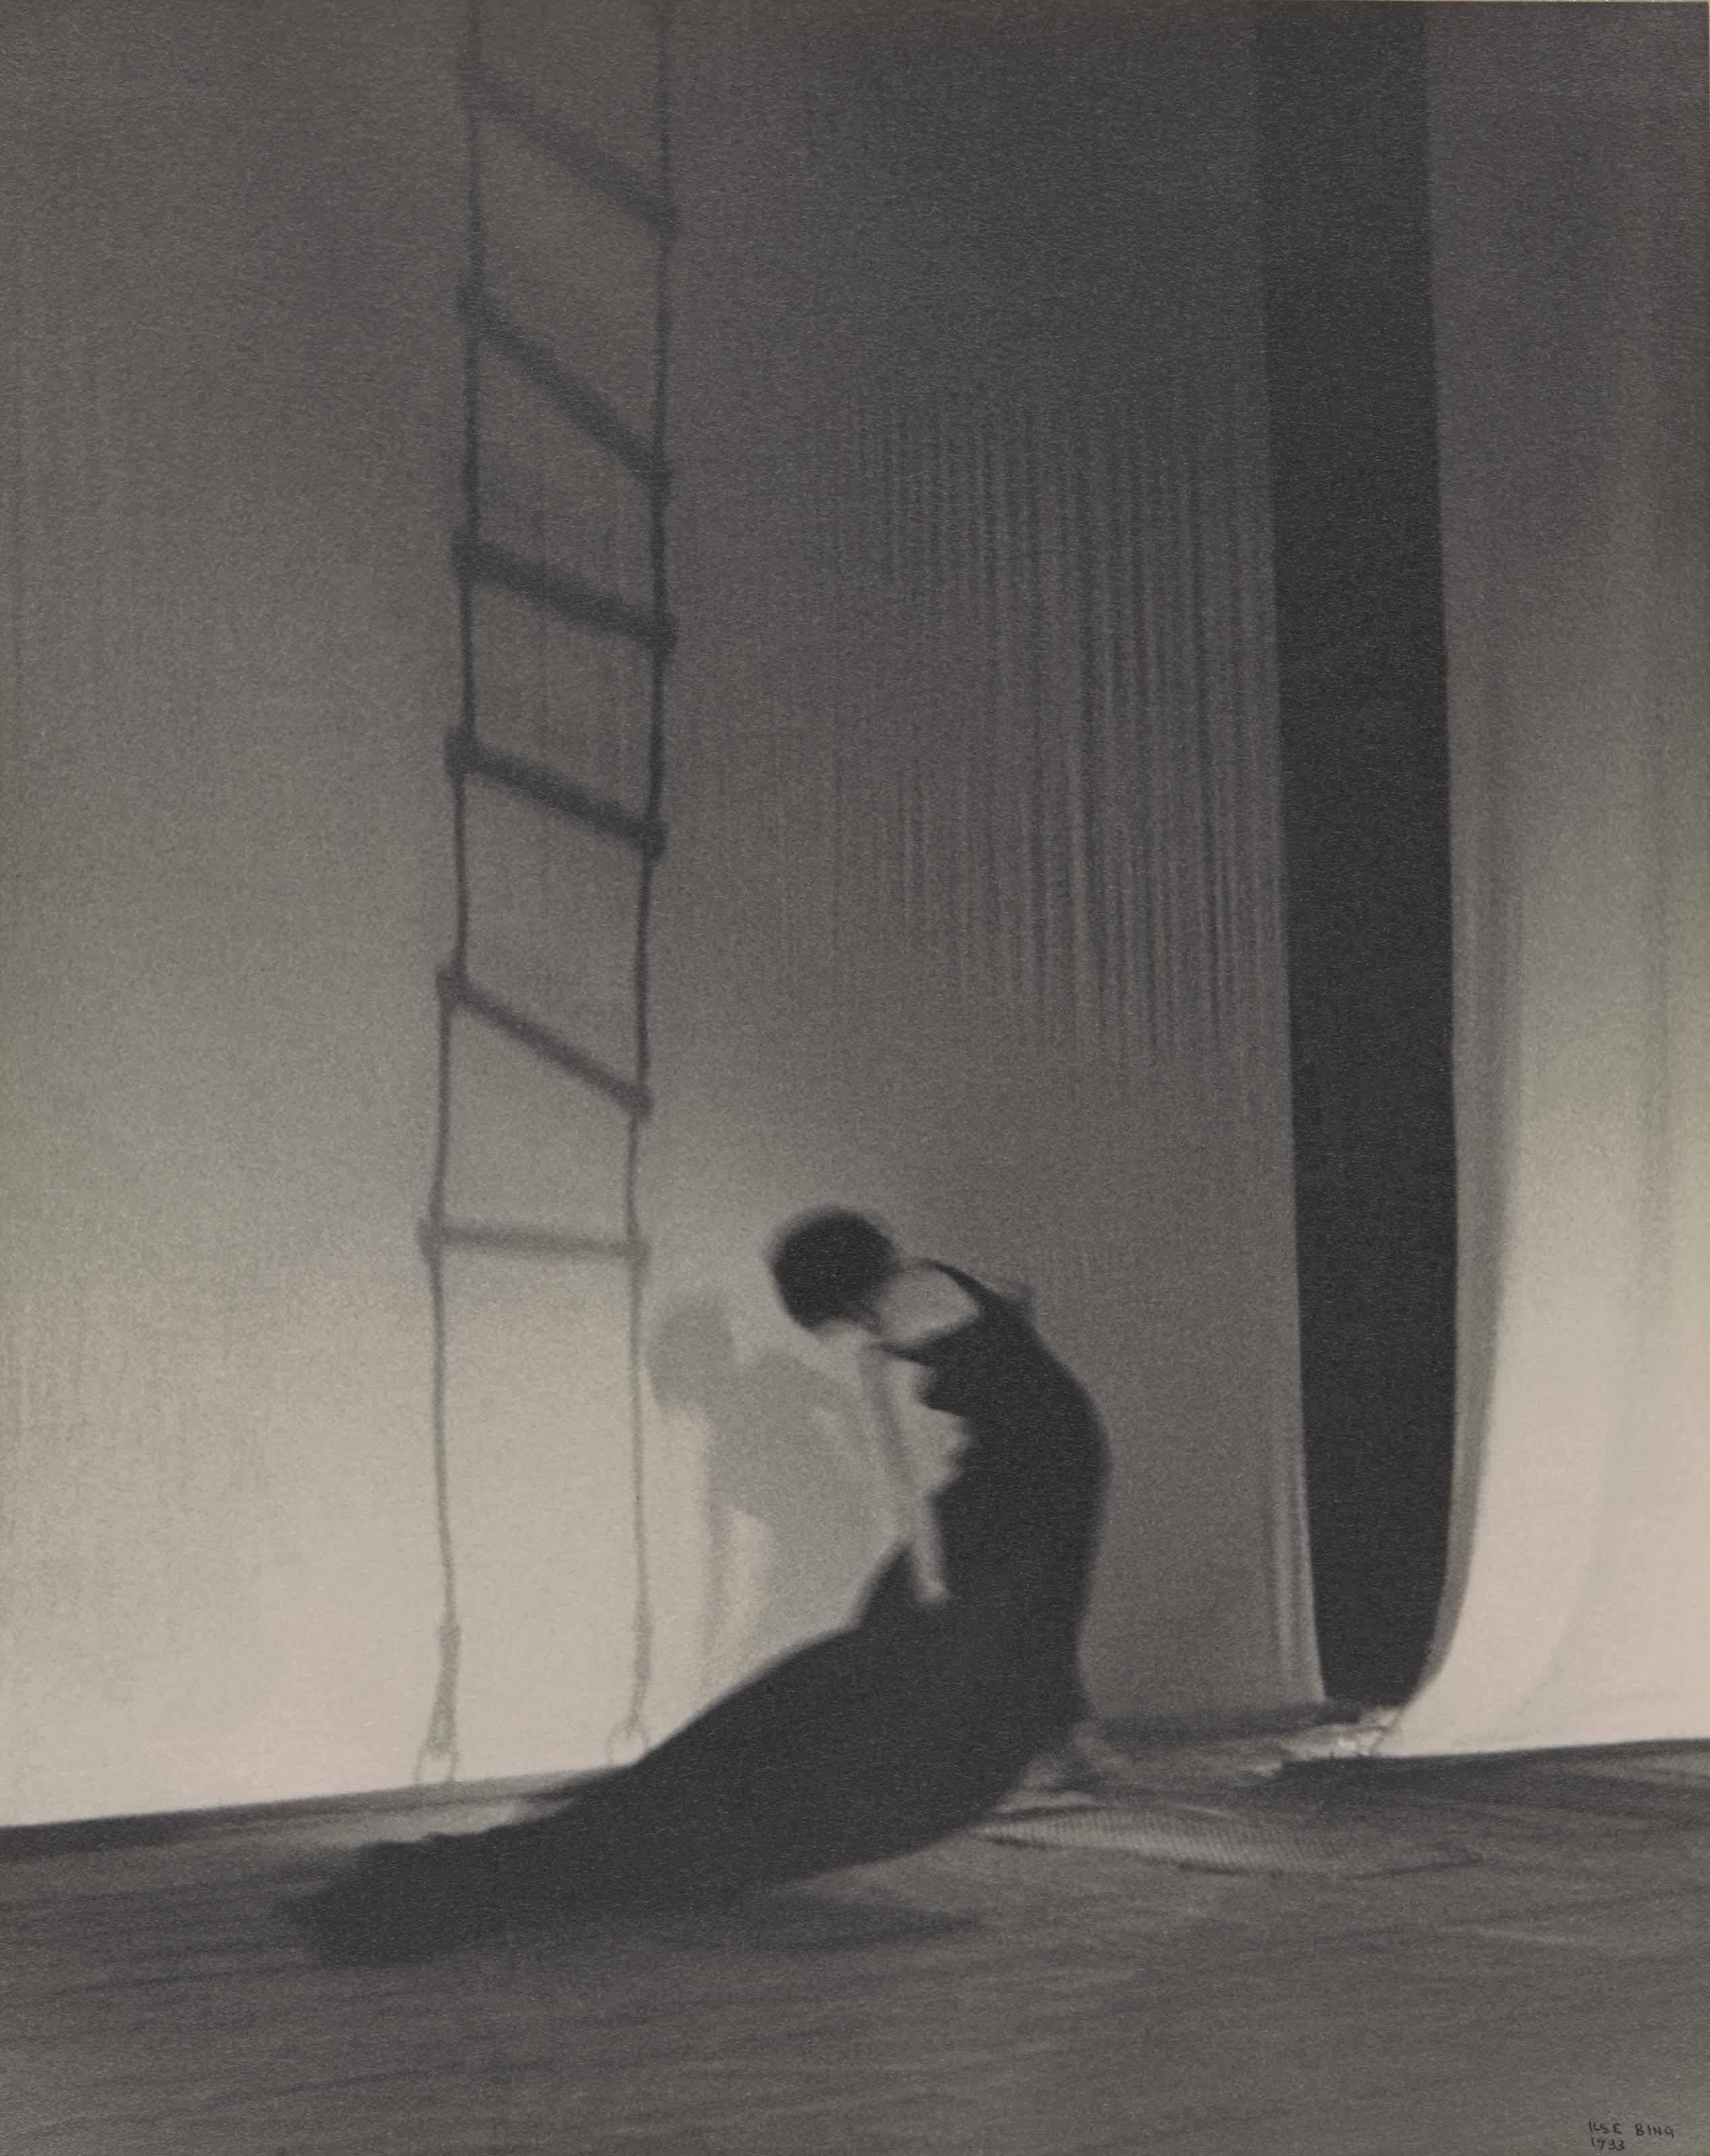 Le ballet russe, Paris, 1933